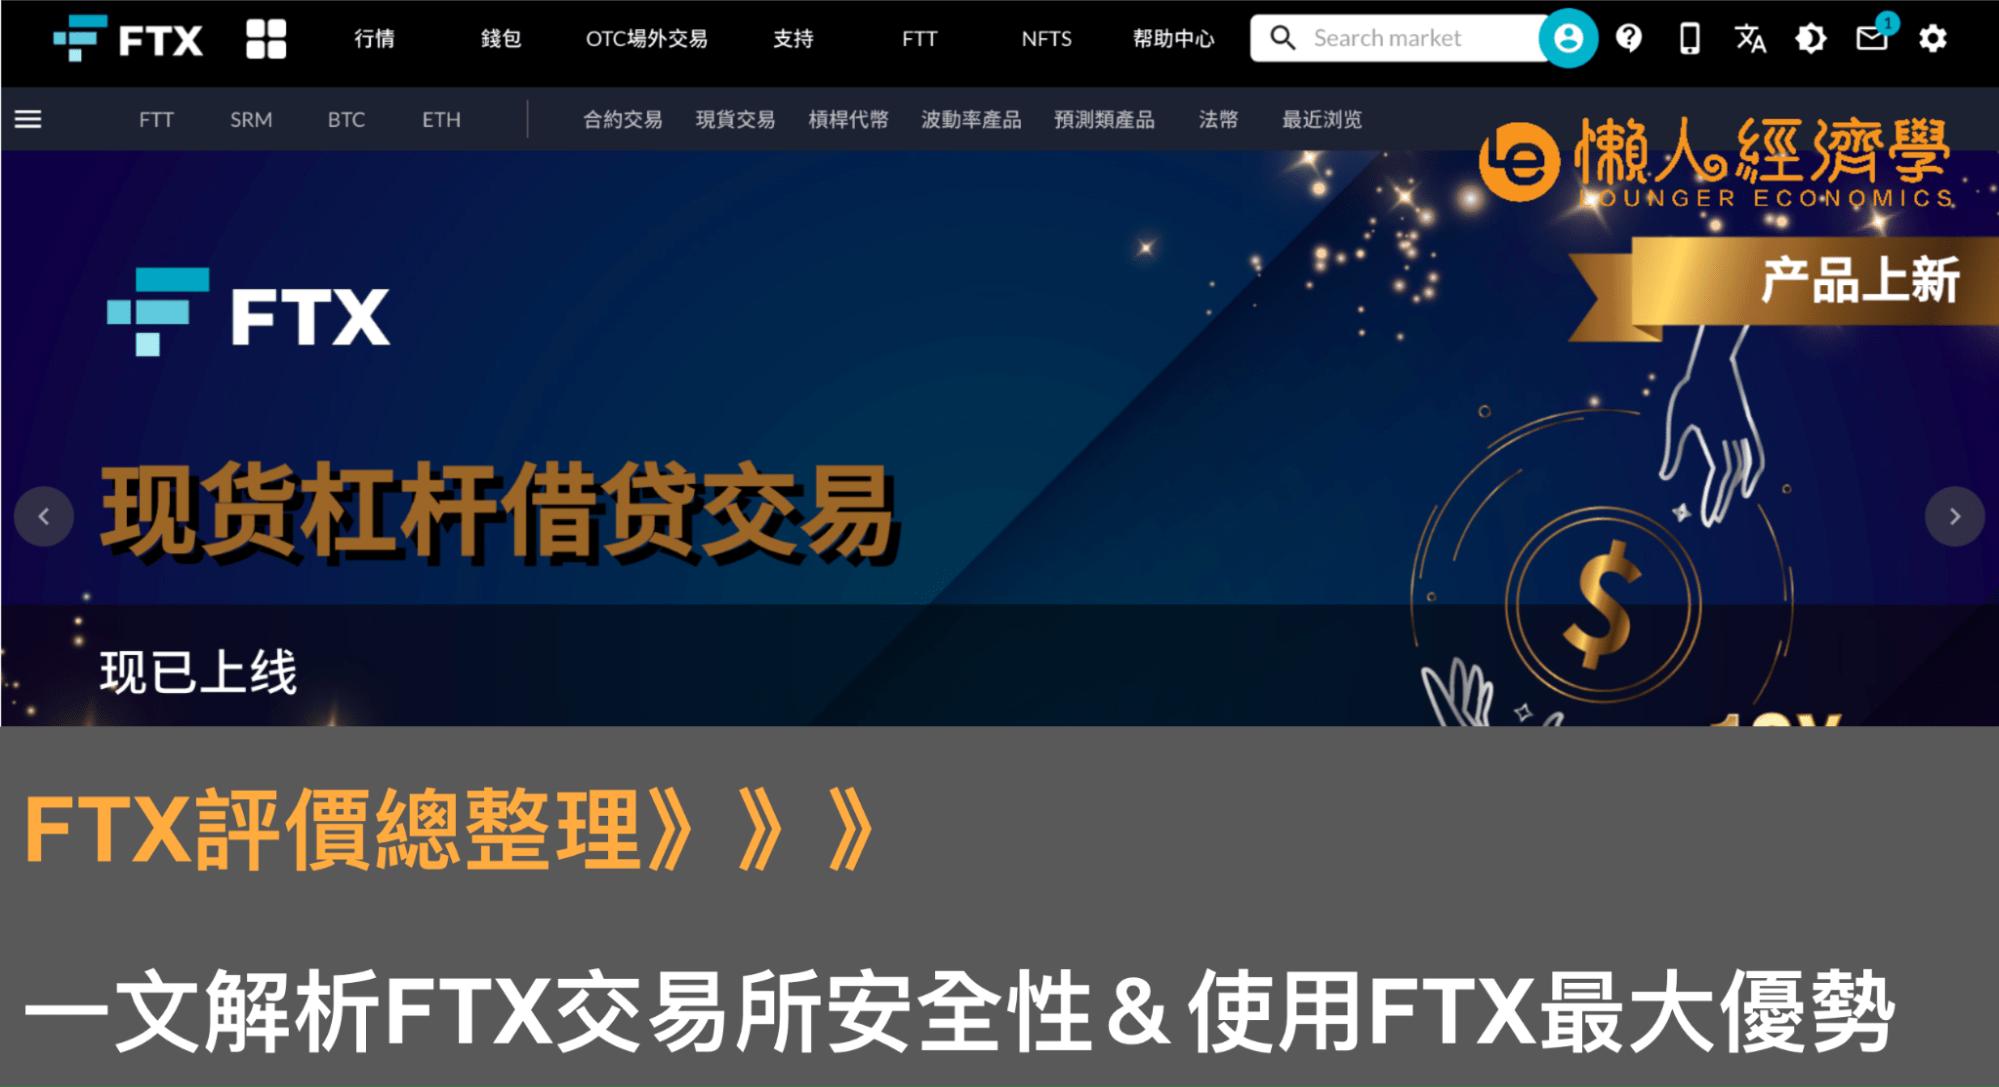 FTX評價整理:FTX交易所是詐騙嗎?是否安全?一文解析FTX的安全性&最大優勢